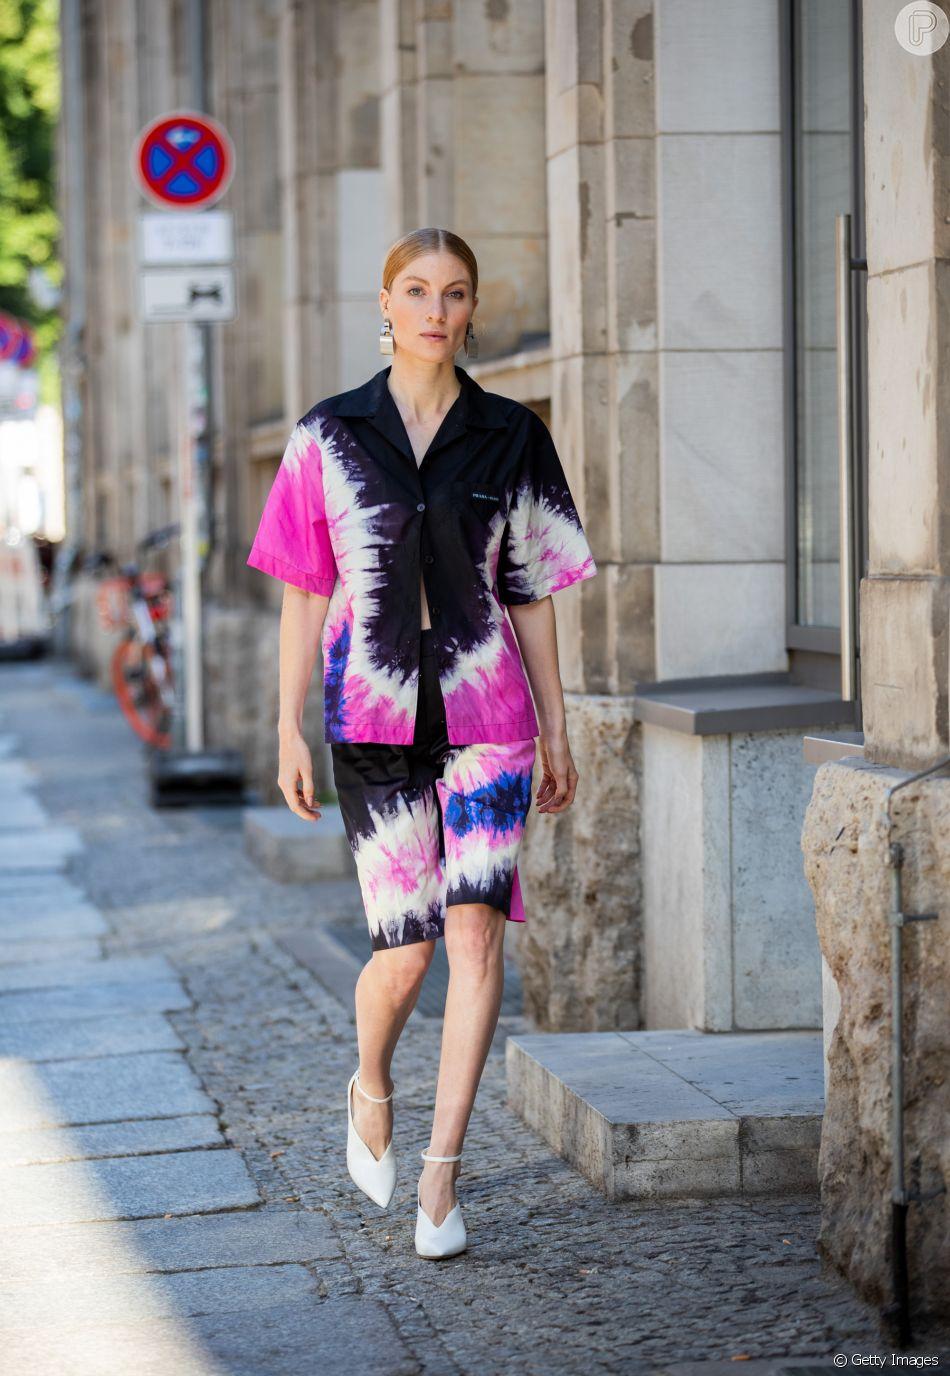 Três tendências de verão em um look só: conjuntinho, bermuda e tie-dye